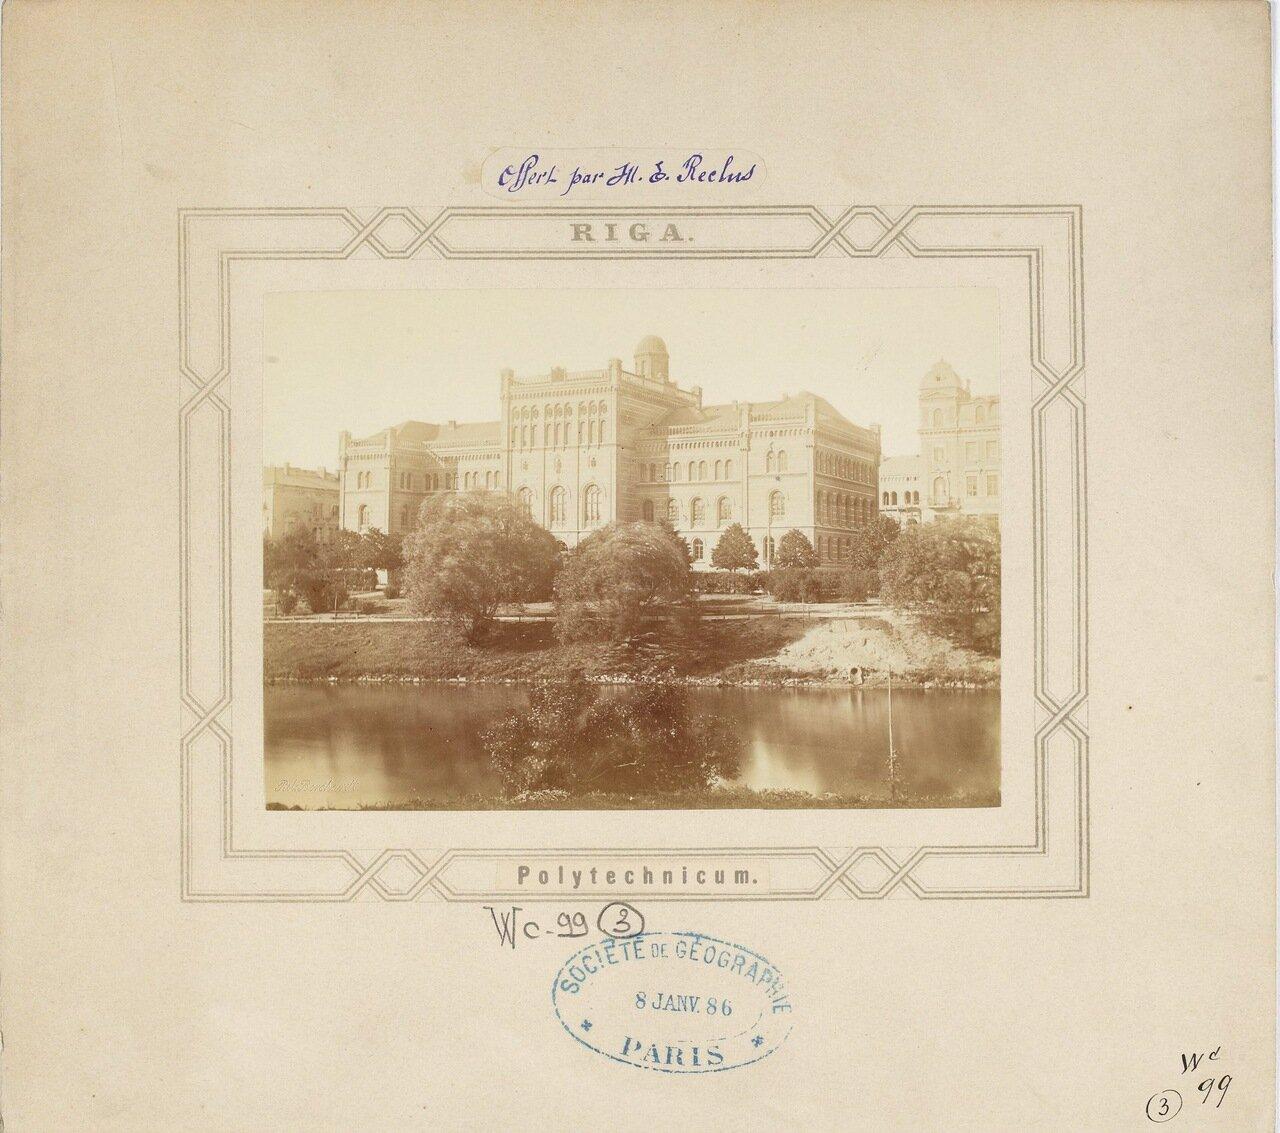 Рижский политехнический институт